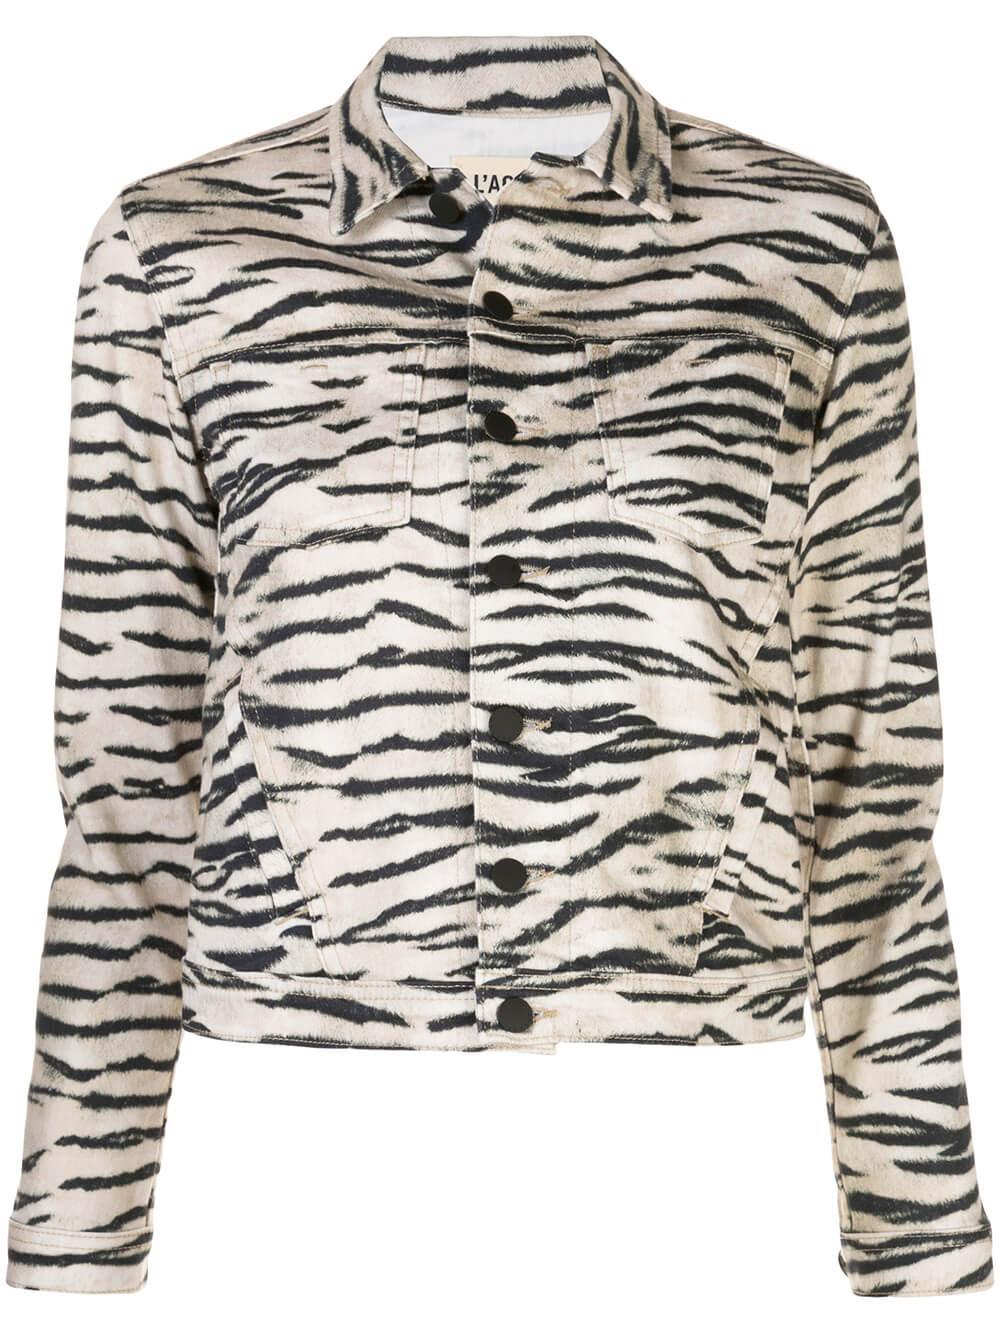 Celine Zebra Print Slim Jacket